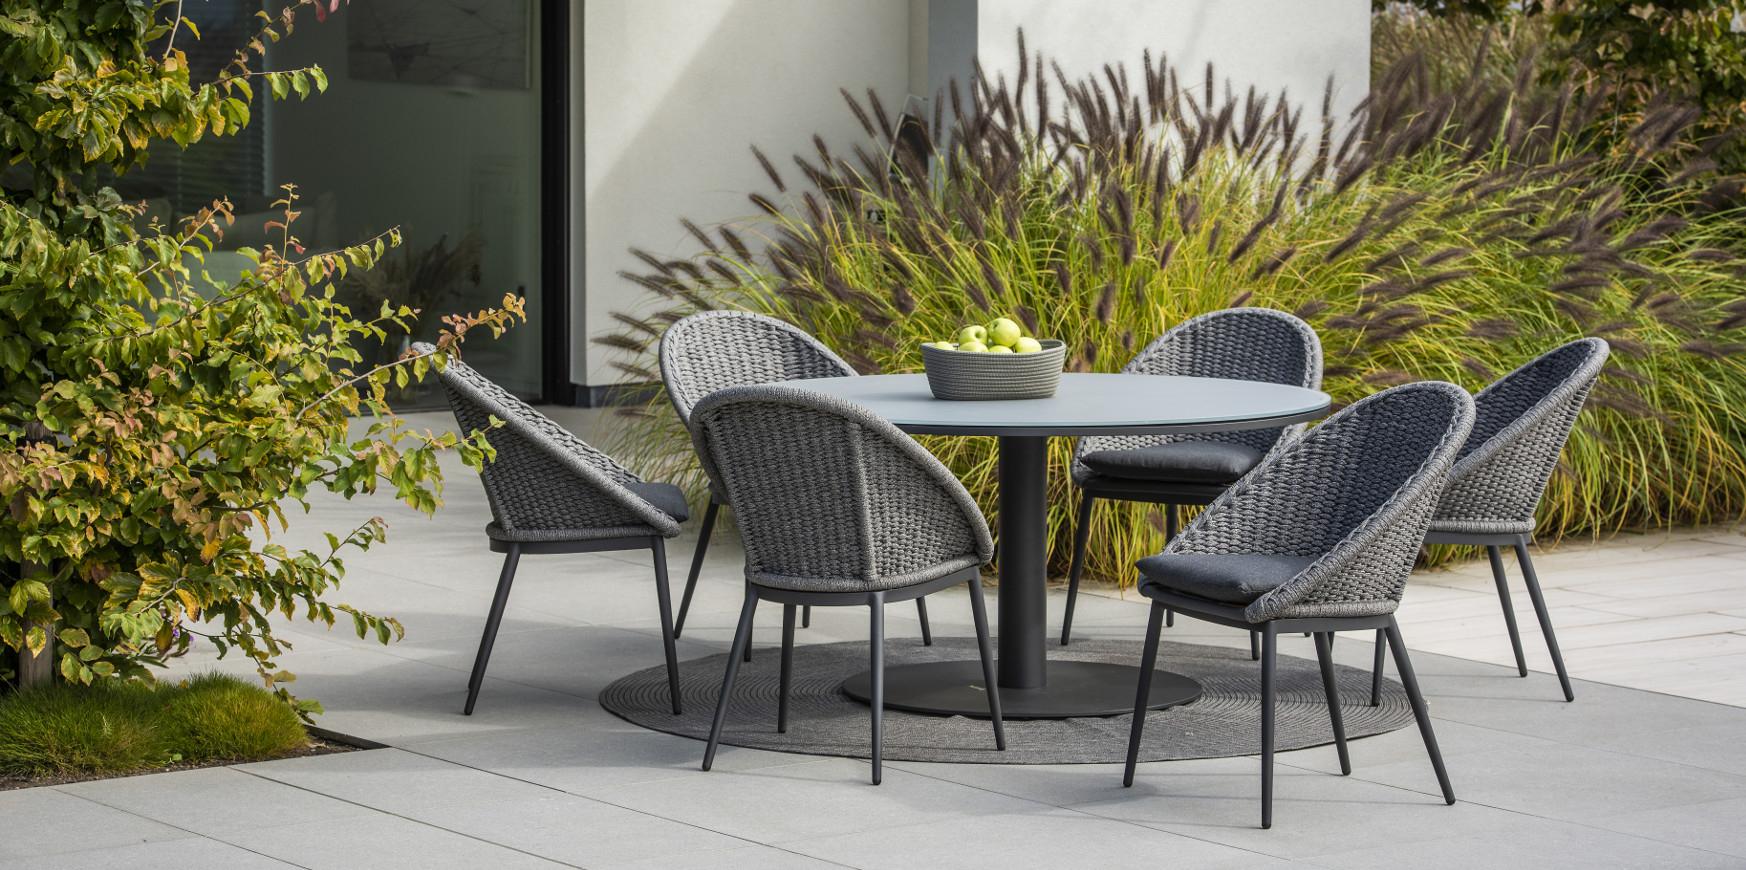 Mobilier De Jardin - Magasin De Meubles Extérieur Haut De ... serapportantà Table Et Chaise De Jardin Design